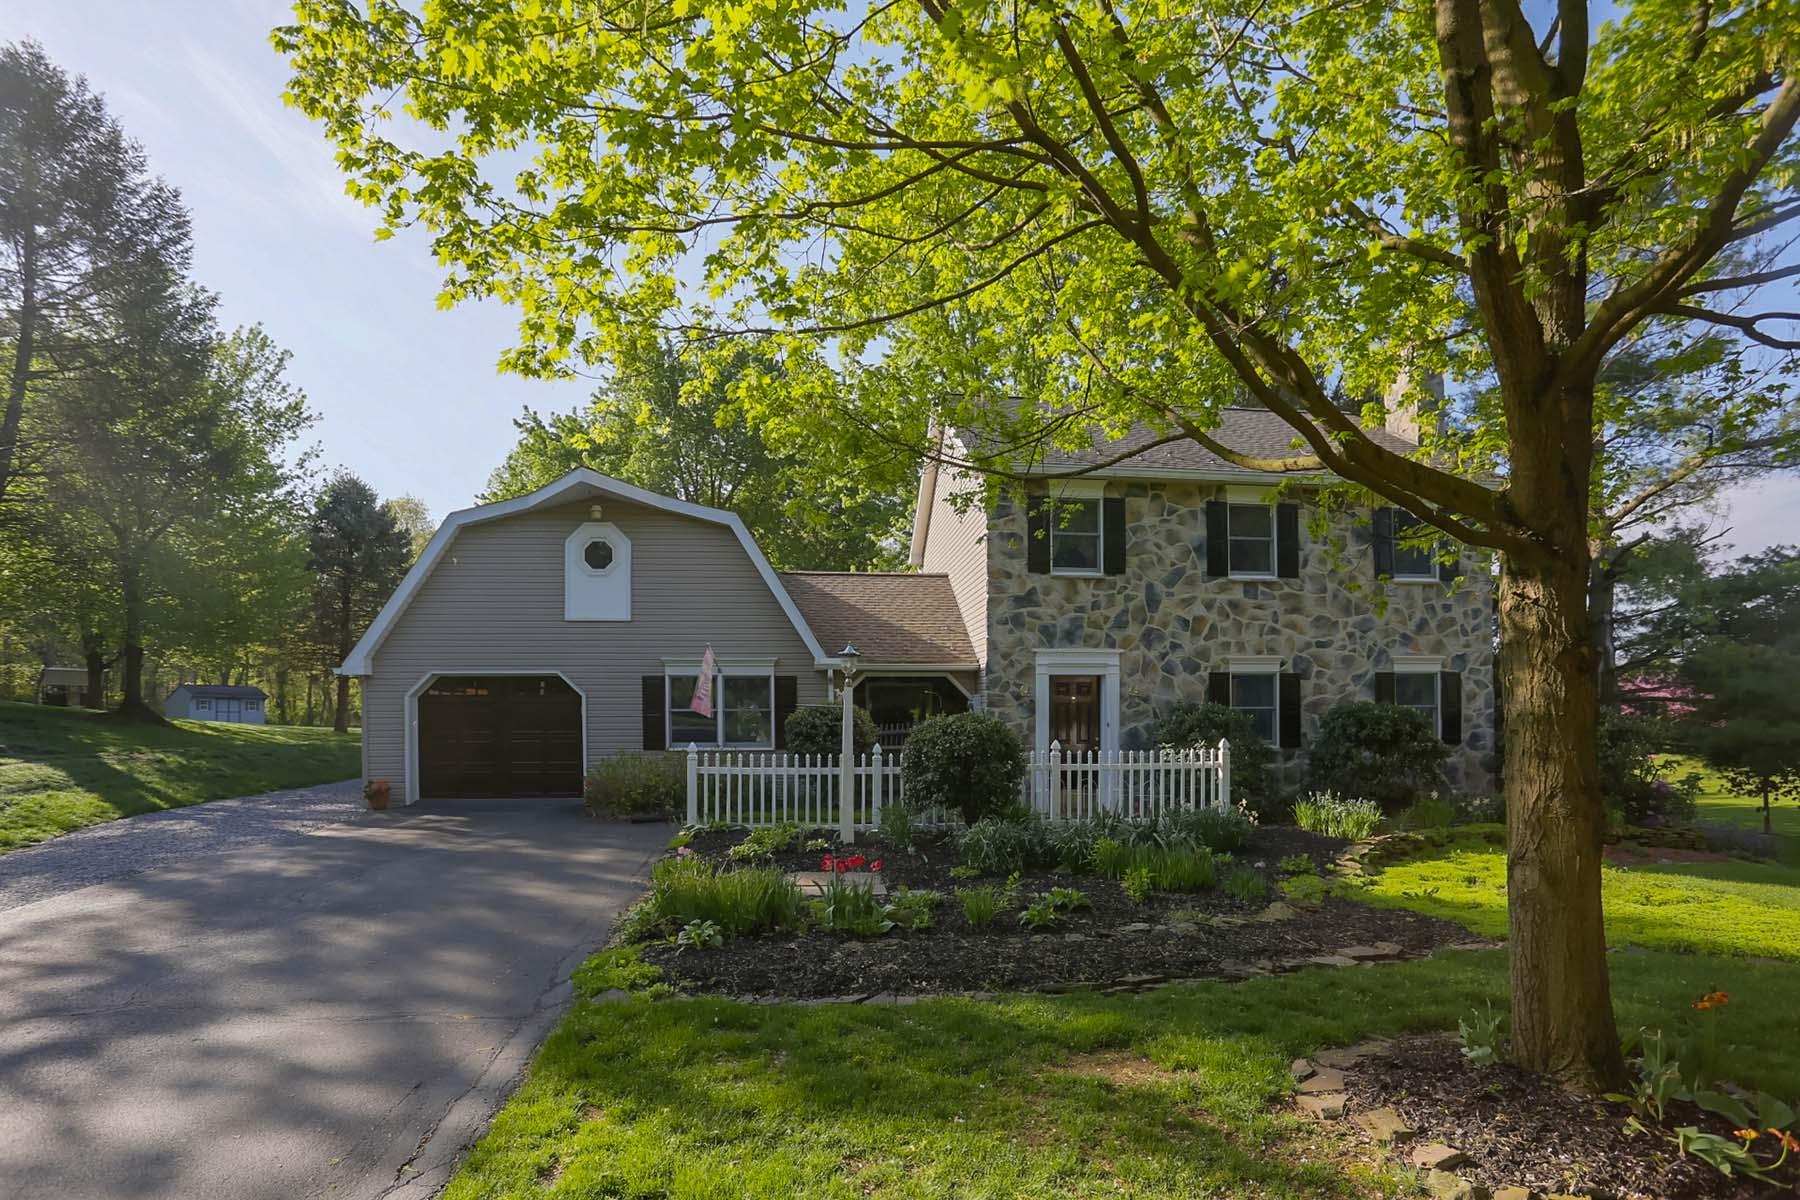 Частный односемейный дом для того Продажа на 641 Bedington Circle Manheim, Пенсильвания 17545 Соединенные Штаты